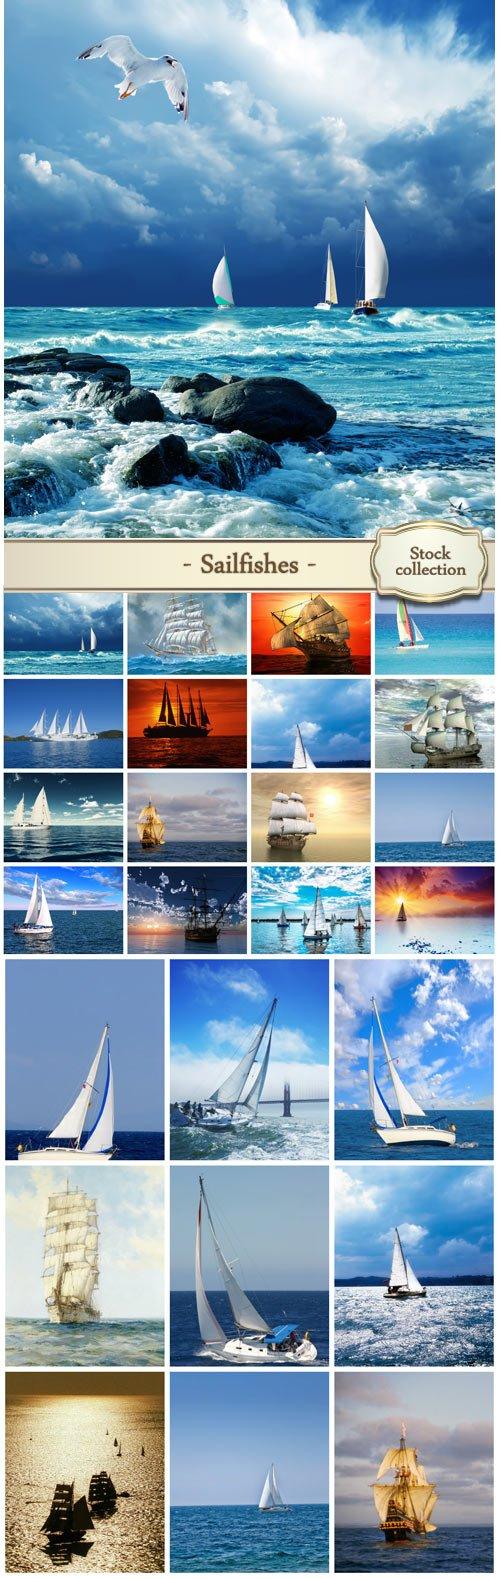 Sailfishes marine backgrounds - stock photos